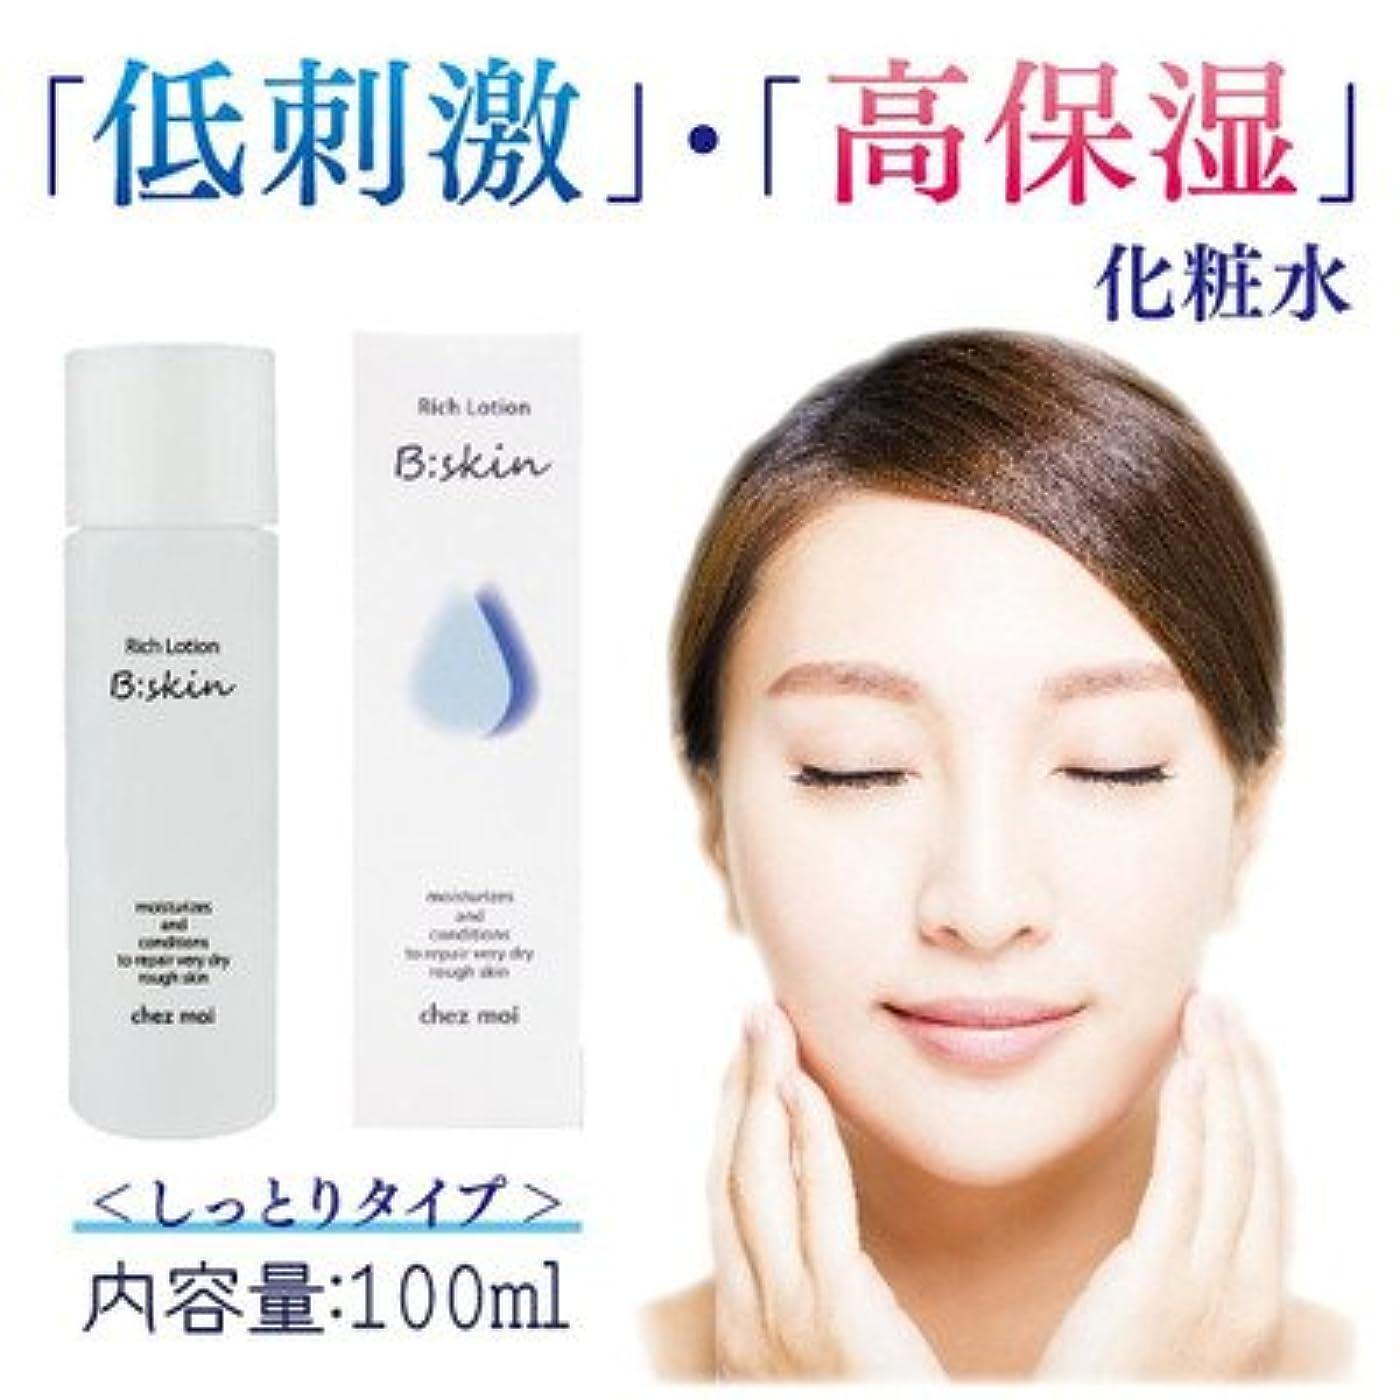 ジョージスティーブンソン広告主序文低刺激 高保湿 しっとりタイプの化粧水 B:skin ビースキン Rich Lotion リッチローション しっとりタイプ 化粧水 100mL